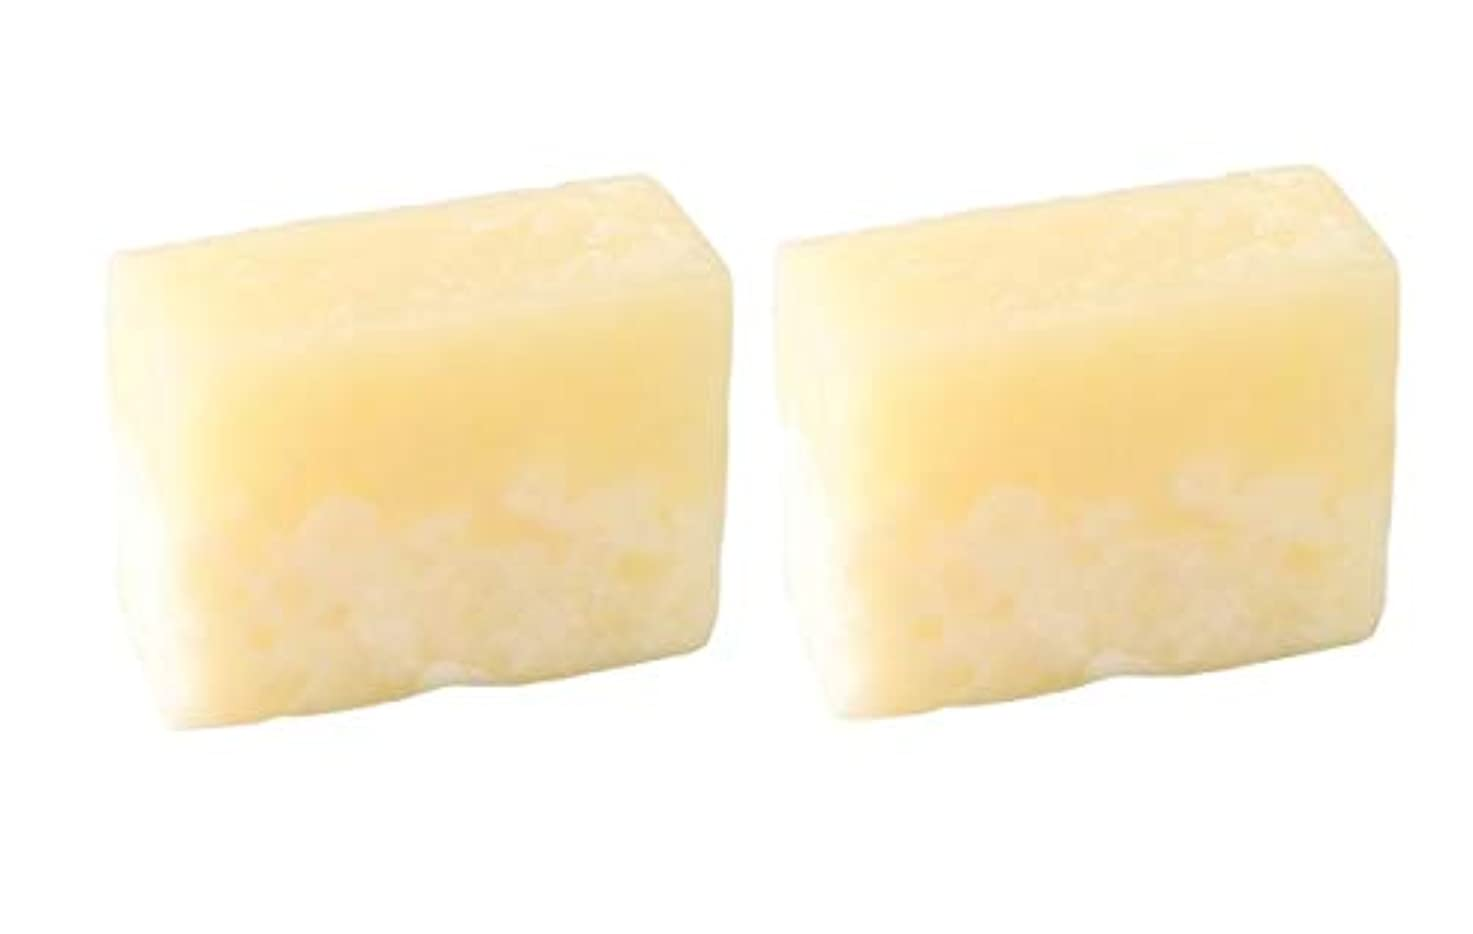 じゃない確立瞑想的LUSH ラッシュ ボヘミアン(100g)×2個セット レモンの爽やかな香りソープ